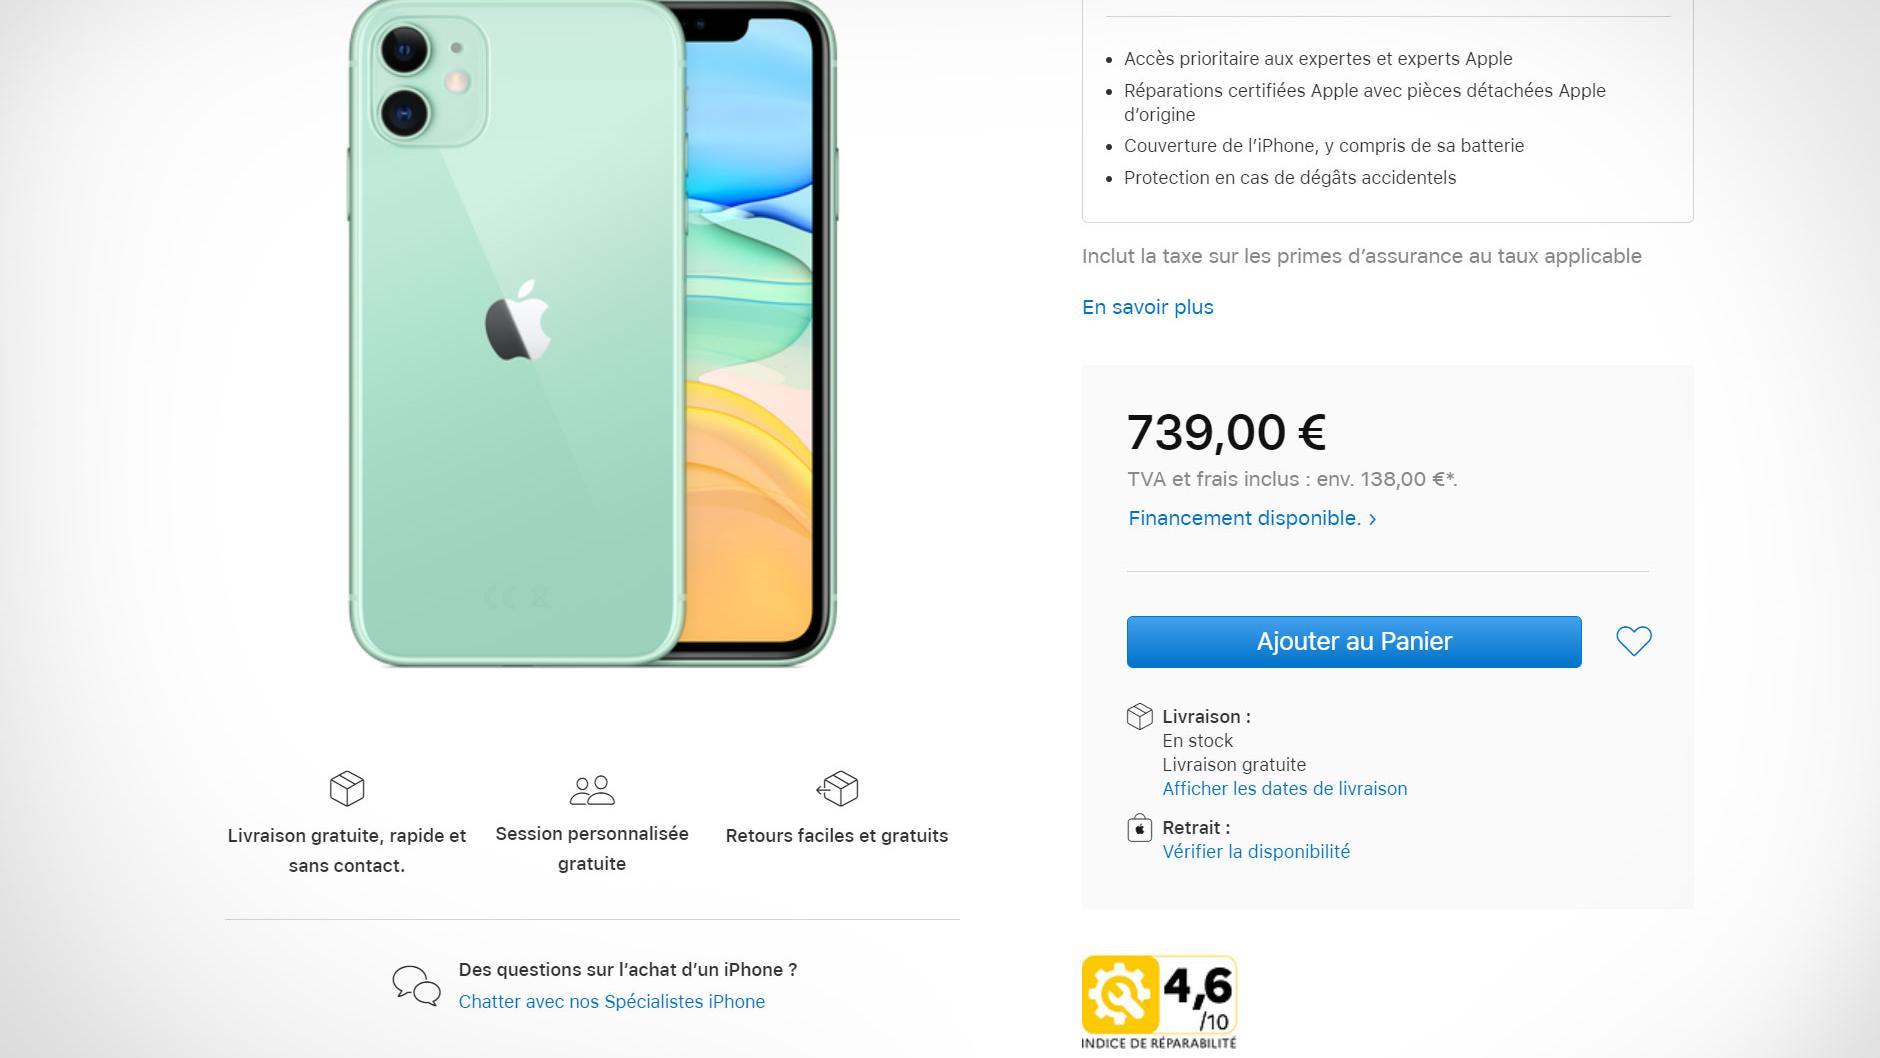 Slik tvinges Apple til å markedsføre iPhone i Frankrike